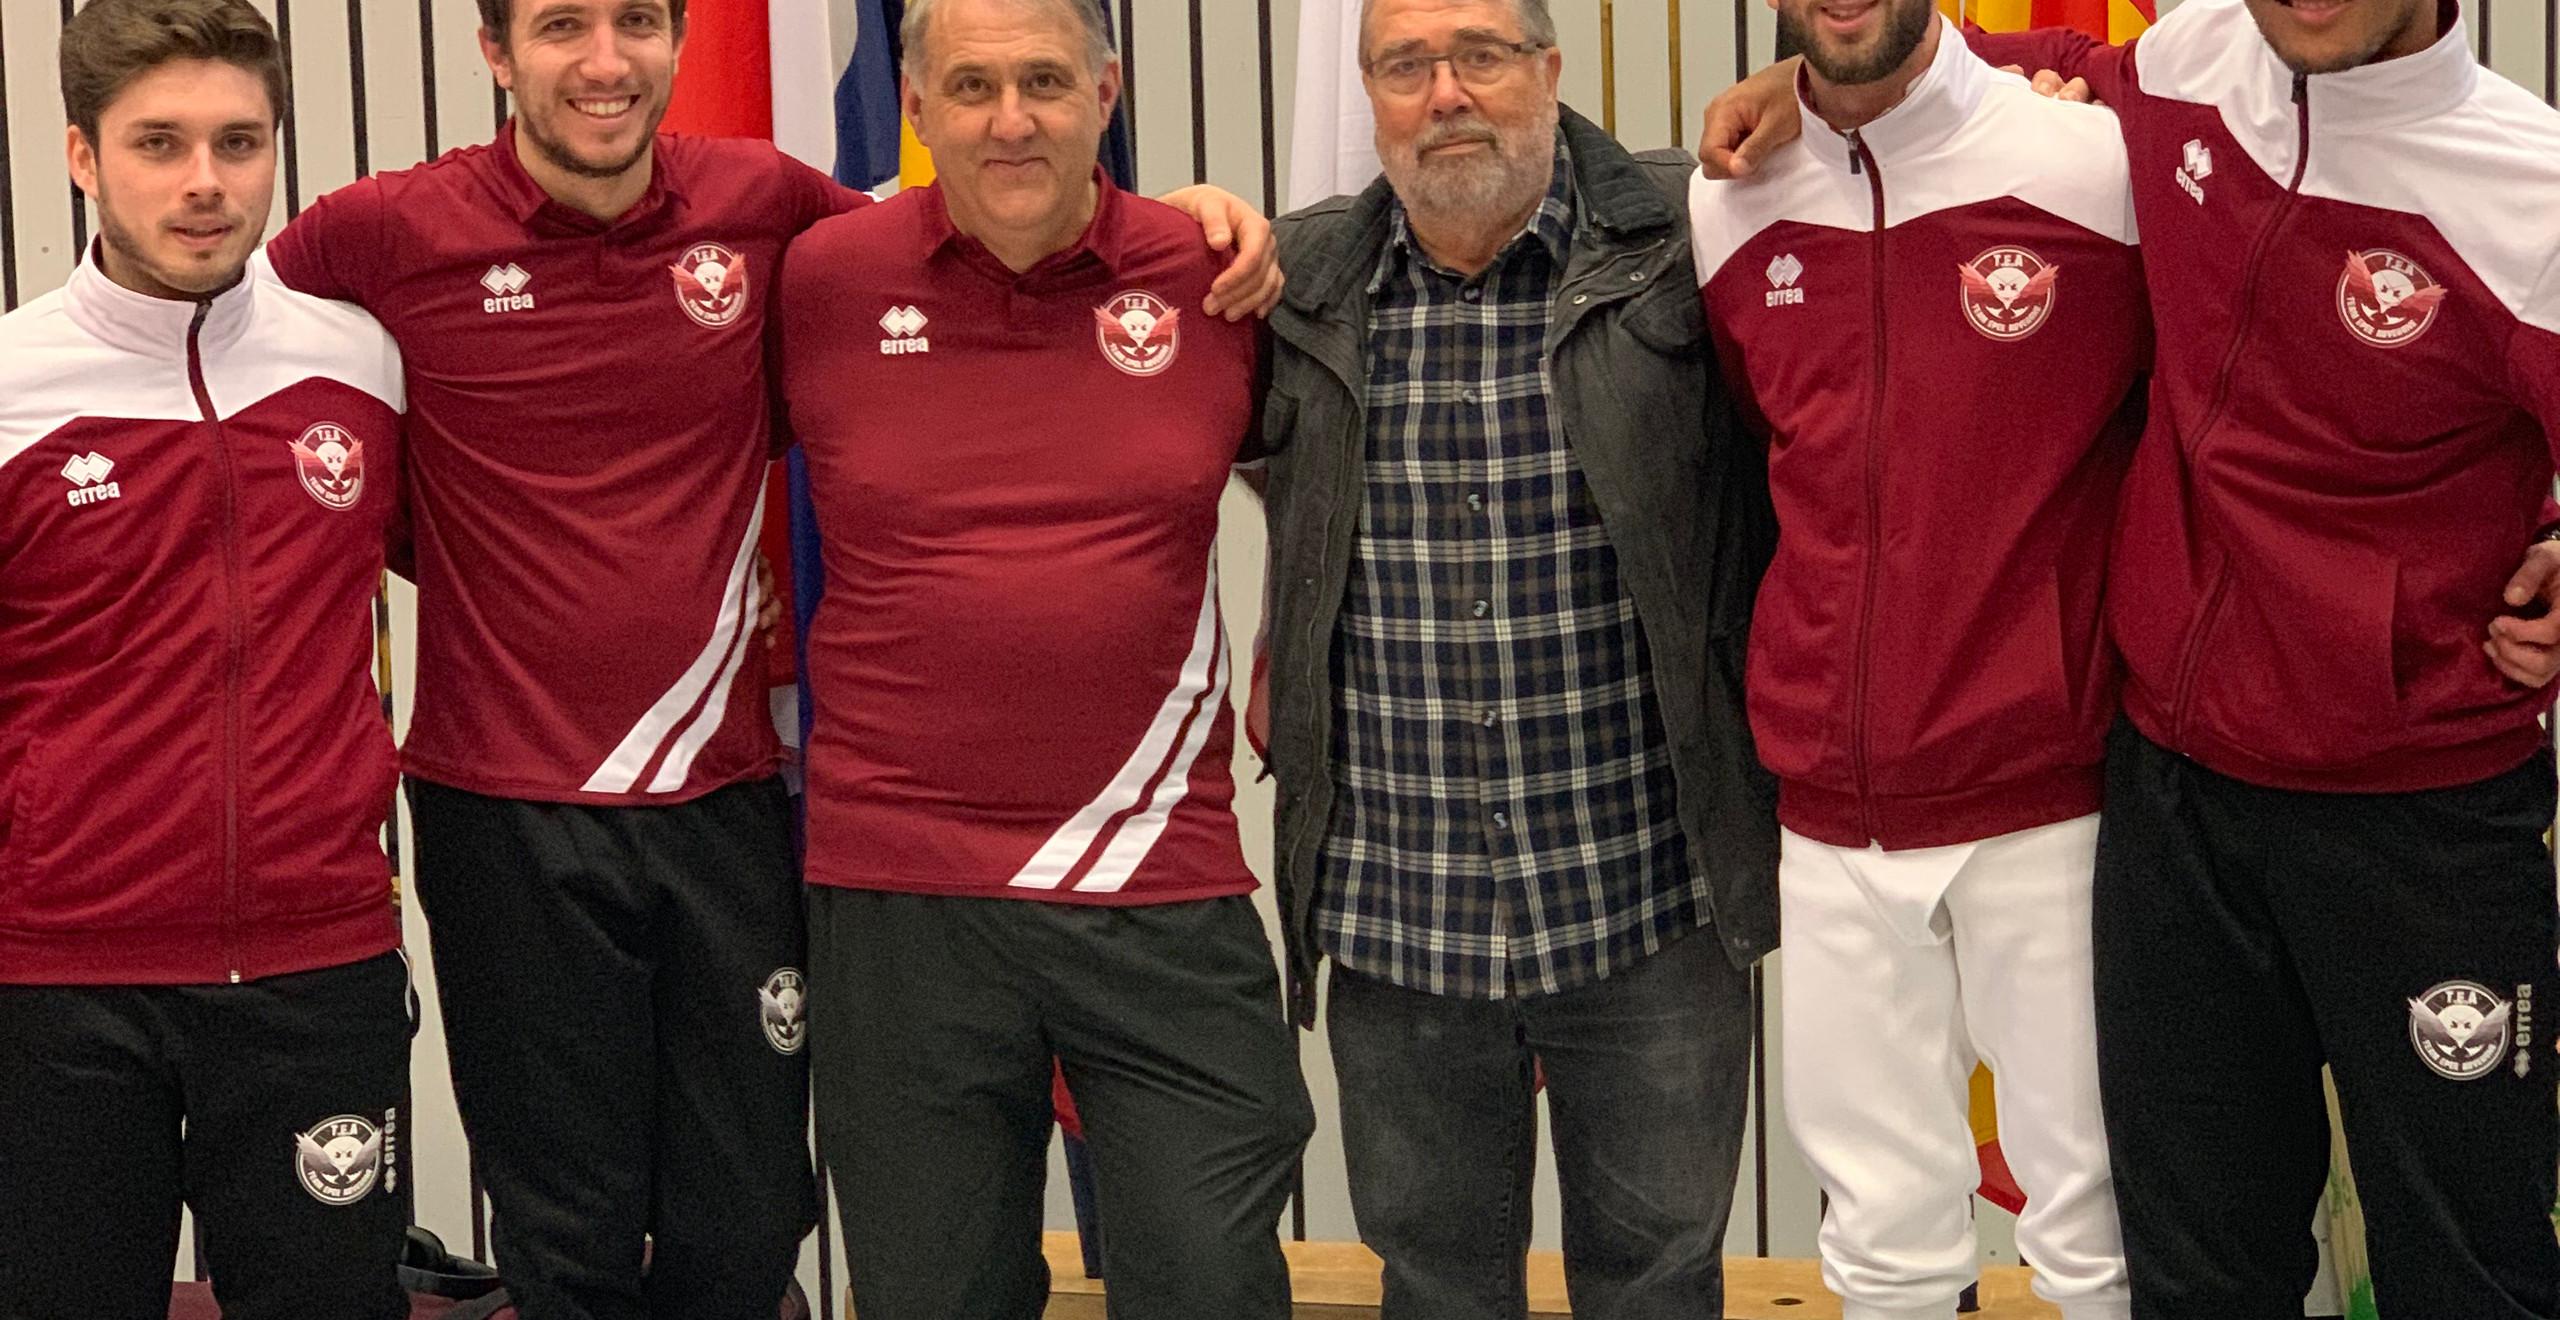 Etienne ALAVOINE LONGUET,  Thibault CHRISTIN, Maître Roger MIR, Gérard VERBEKE (Président du club) Julien ROBERT,  Adrien SIMON.